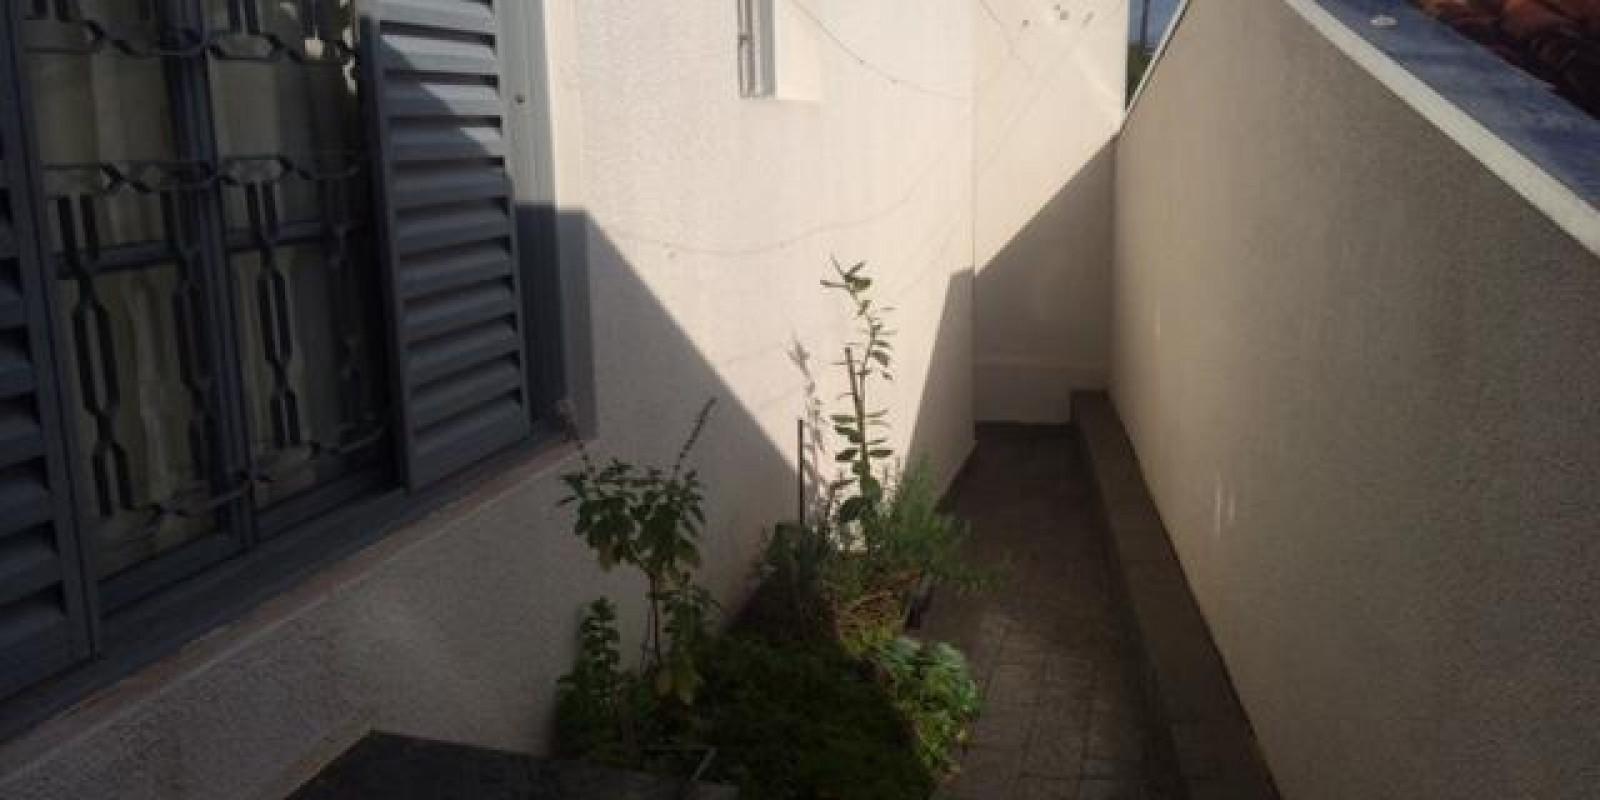 Casa no Bairro Três Maria em Avaré SP - Foto 9 de 19